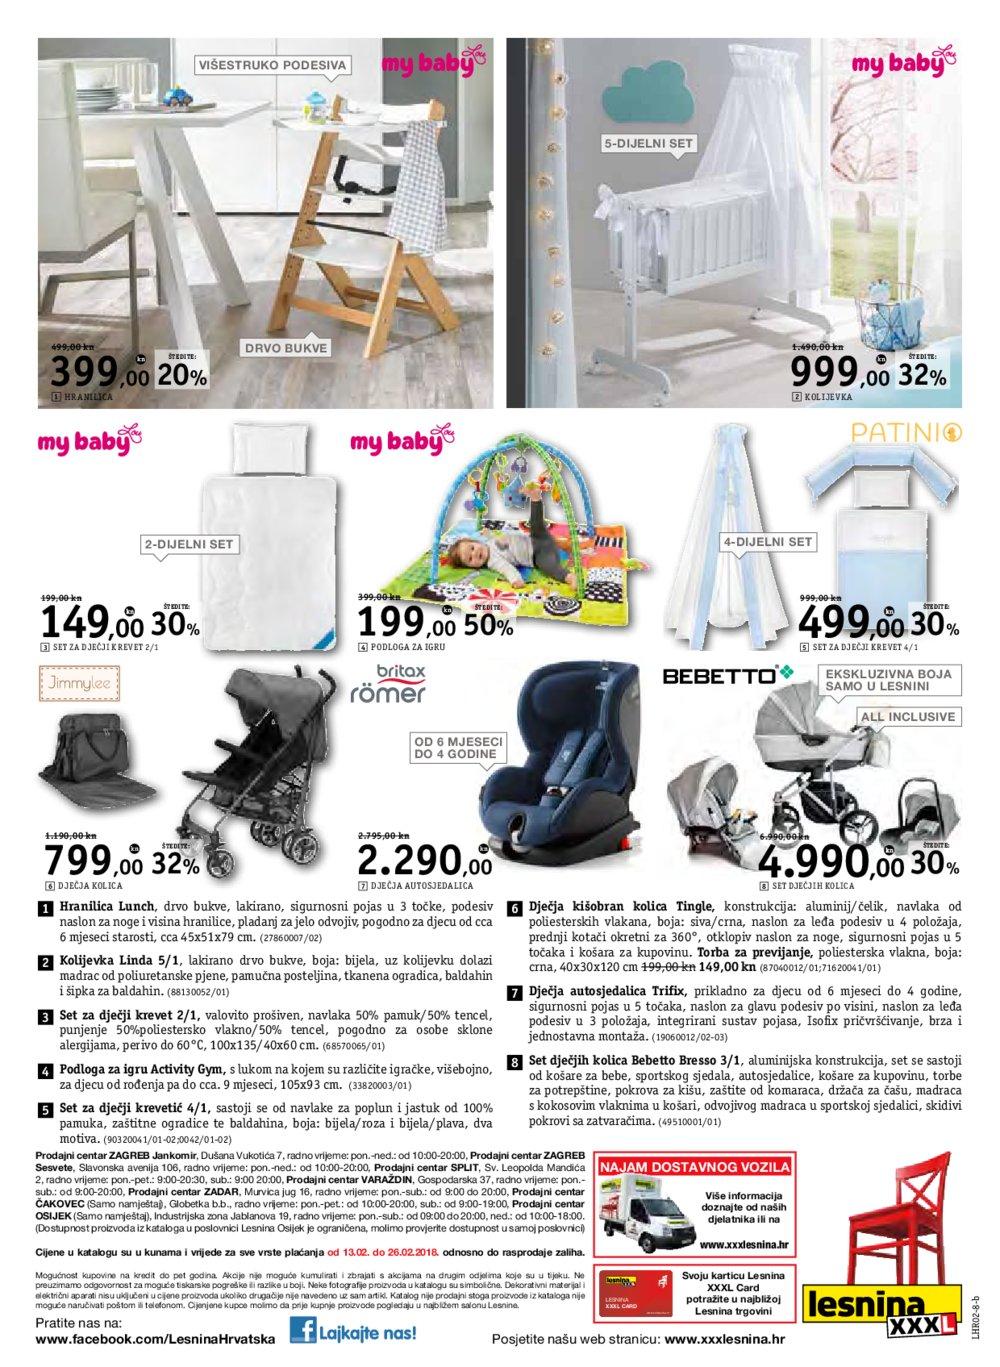 Lesnina katalog Dnevni boravak iz snova 13.02 - 26.02.